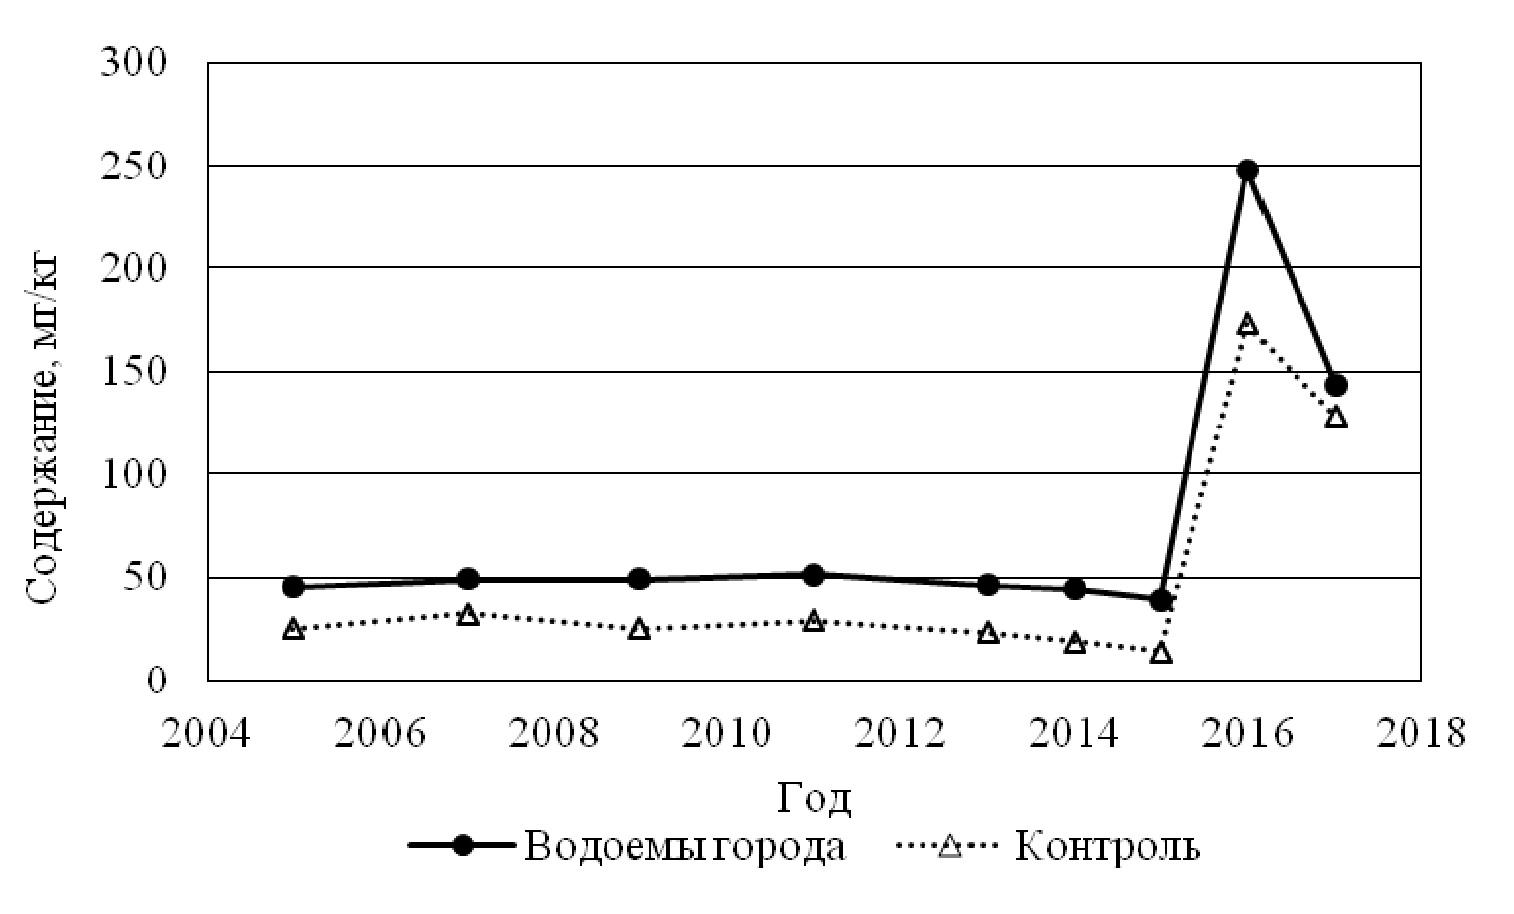 Рисунок 2 - Сравнительная динамика содержания цинка в водных растениях в городских водоемах и контрольном водоеме